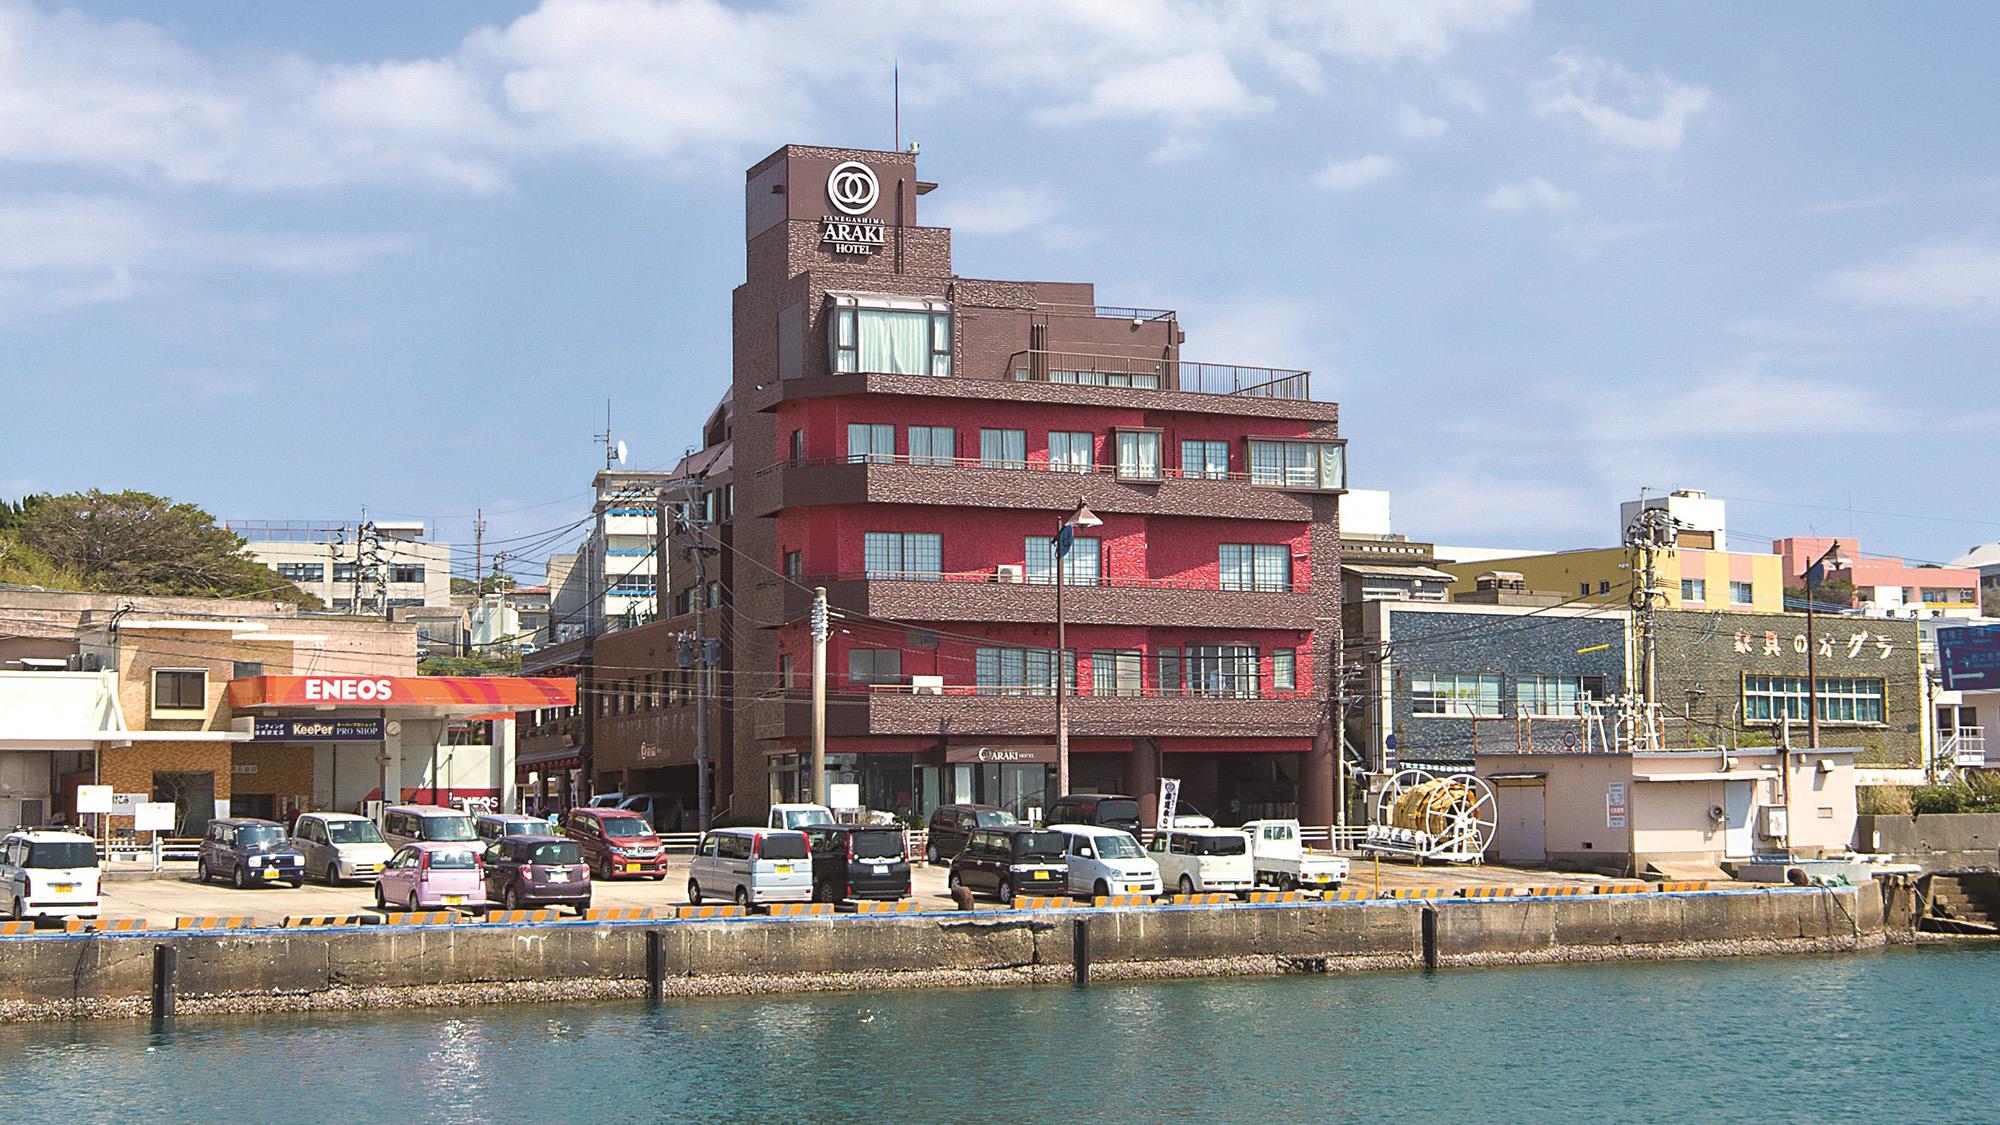 種子島 あらき ホテル◆楽天トラベル